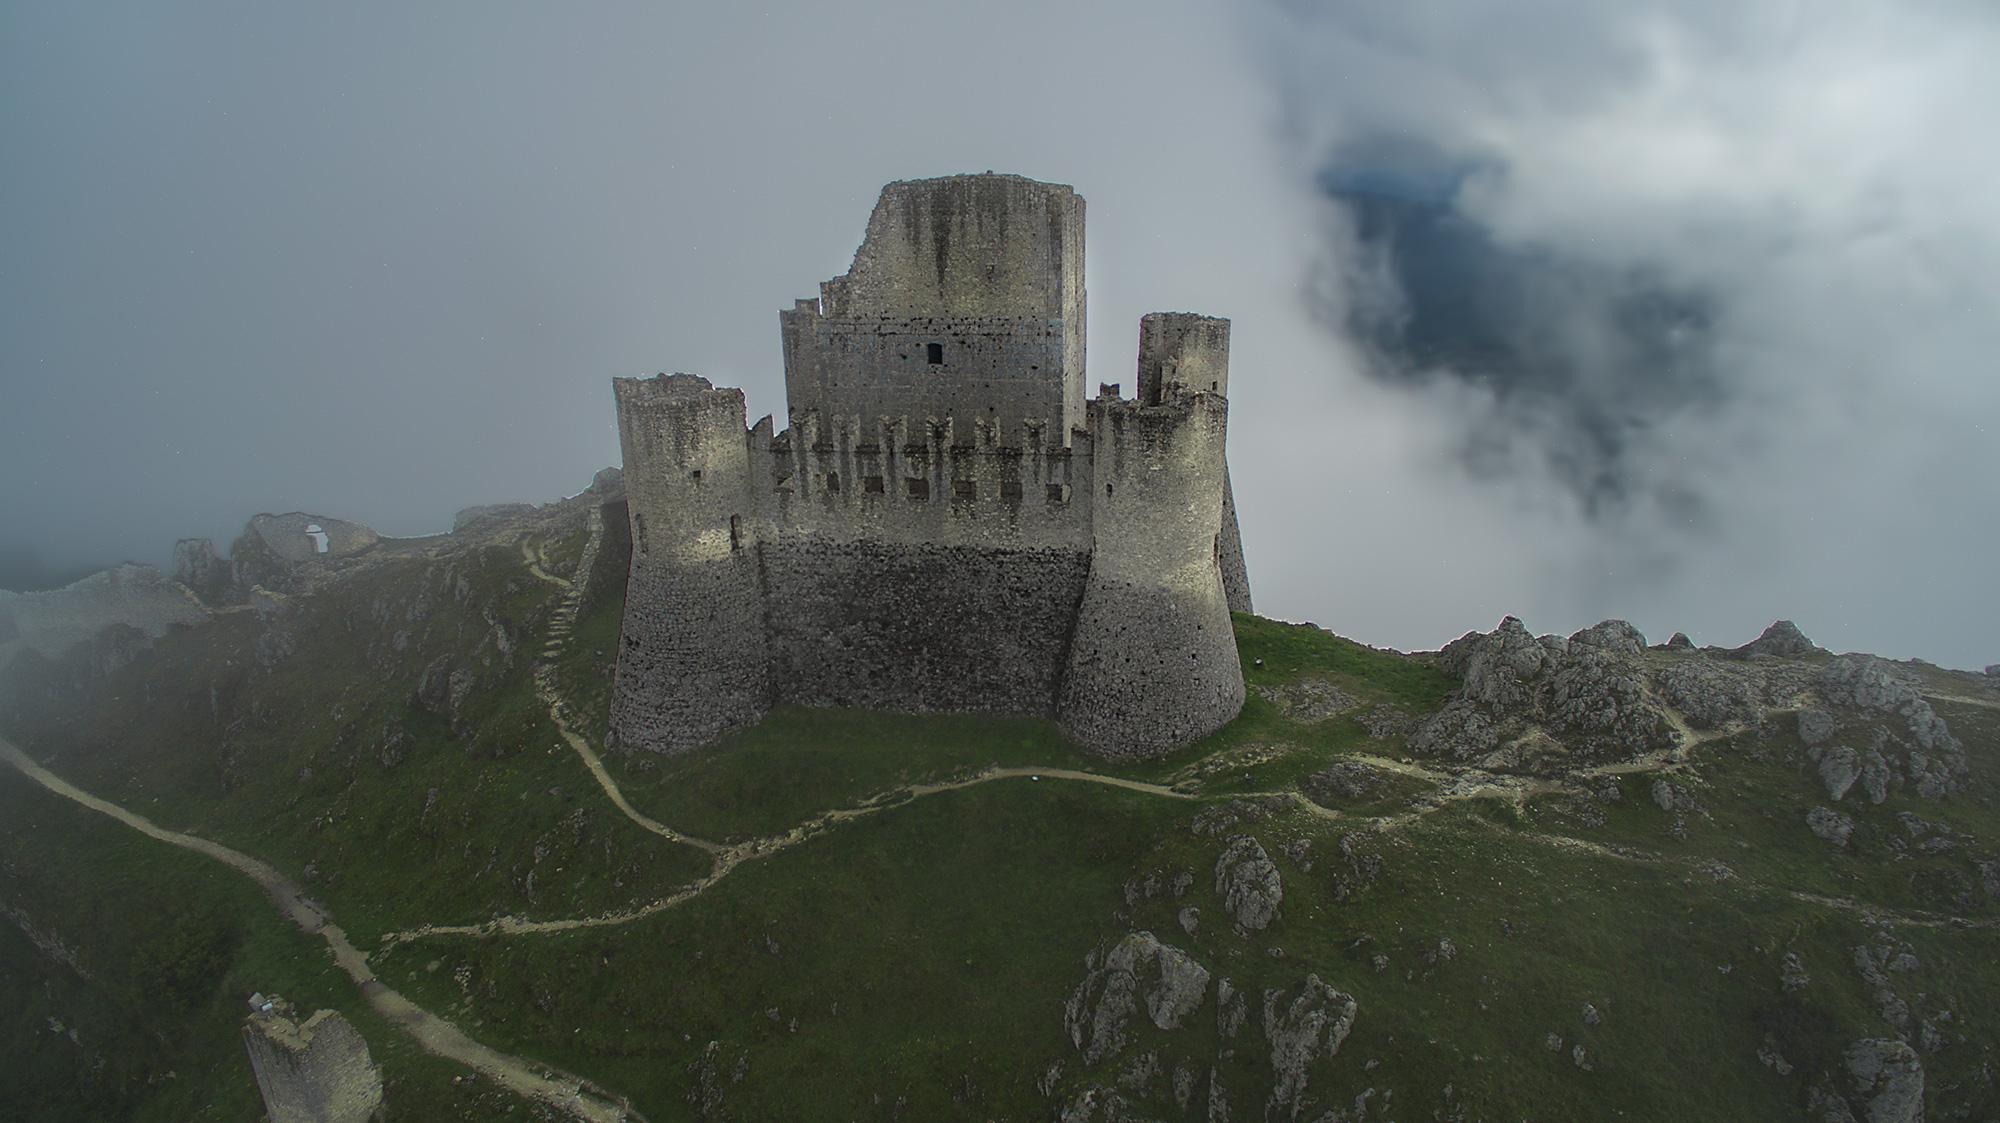 Old Castle near Capestrano